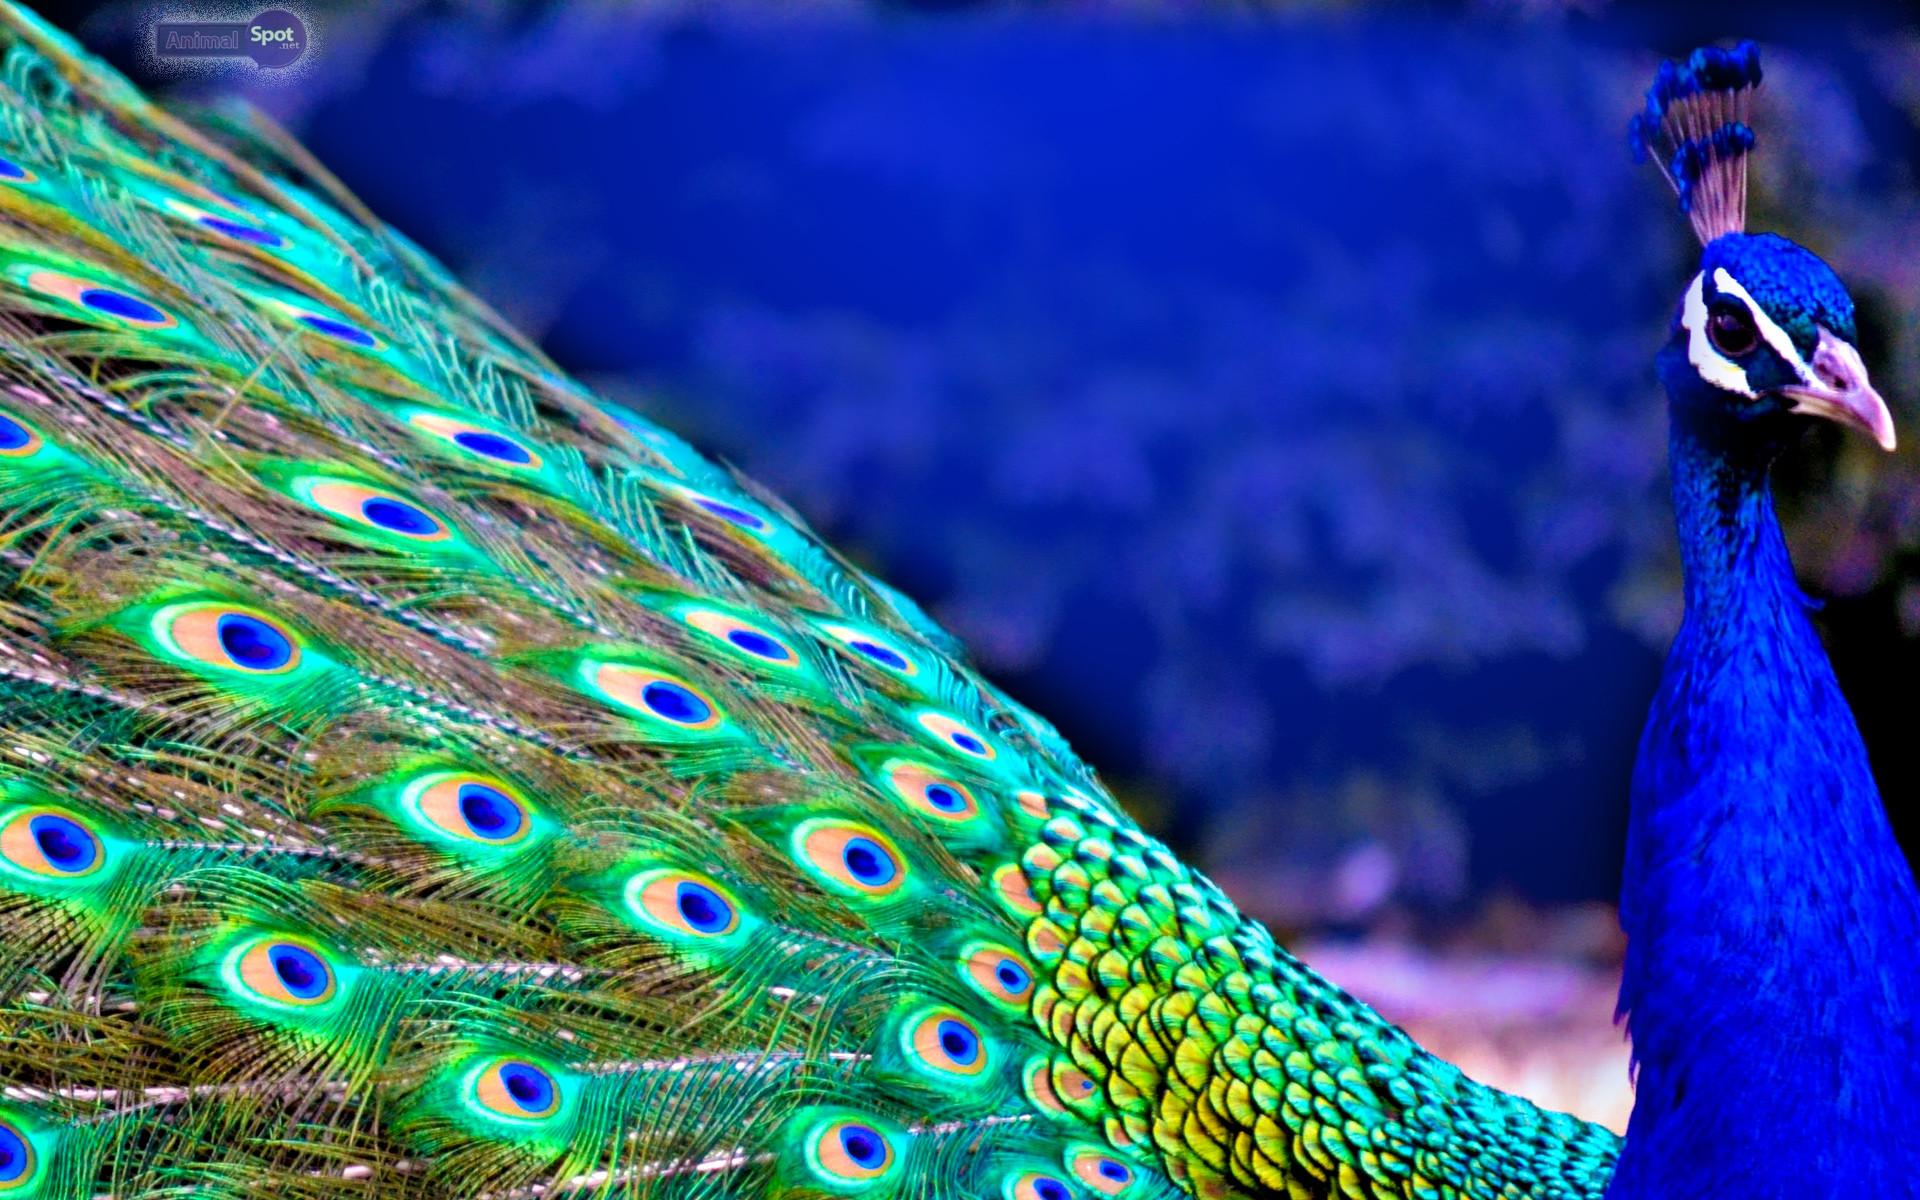 White Blue Peacock Wallpaper 4309 Loadtve